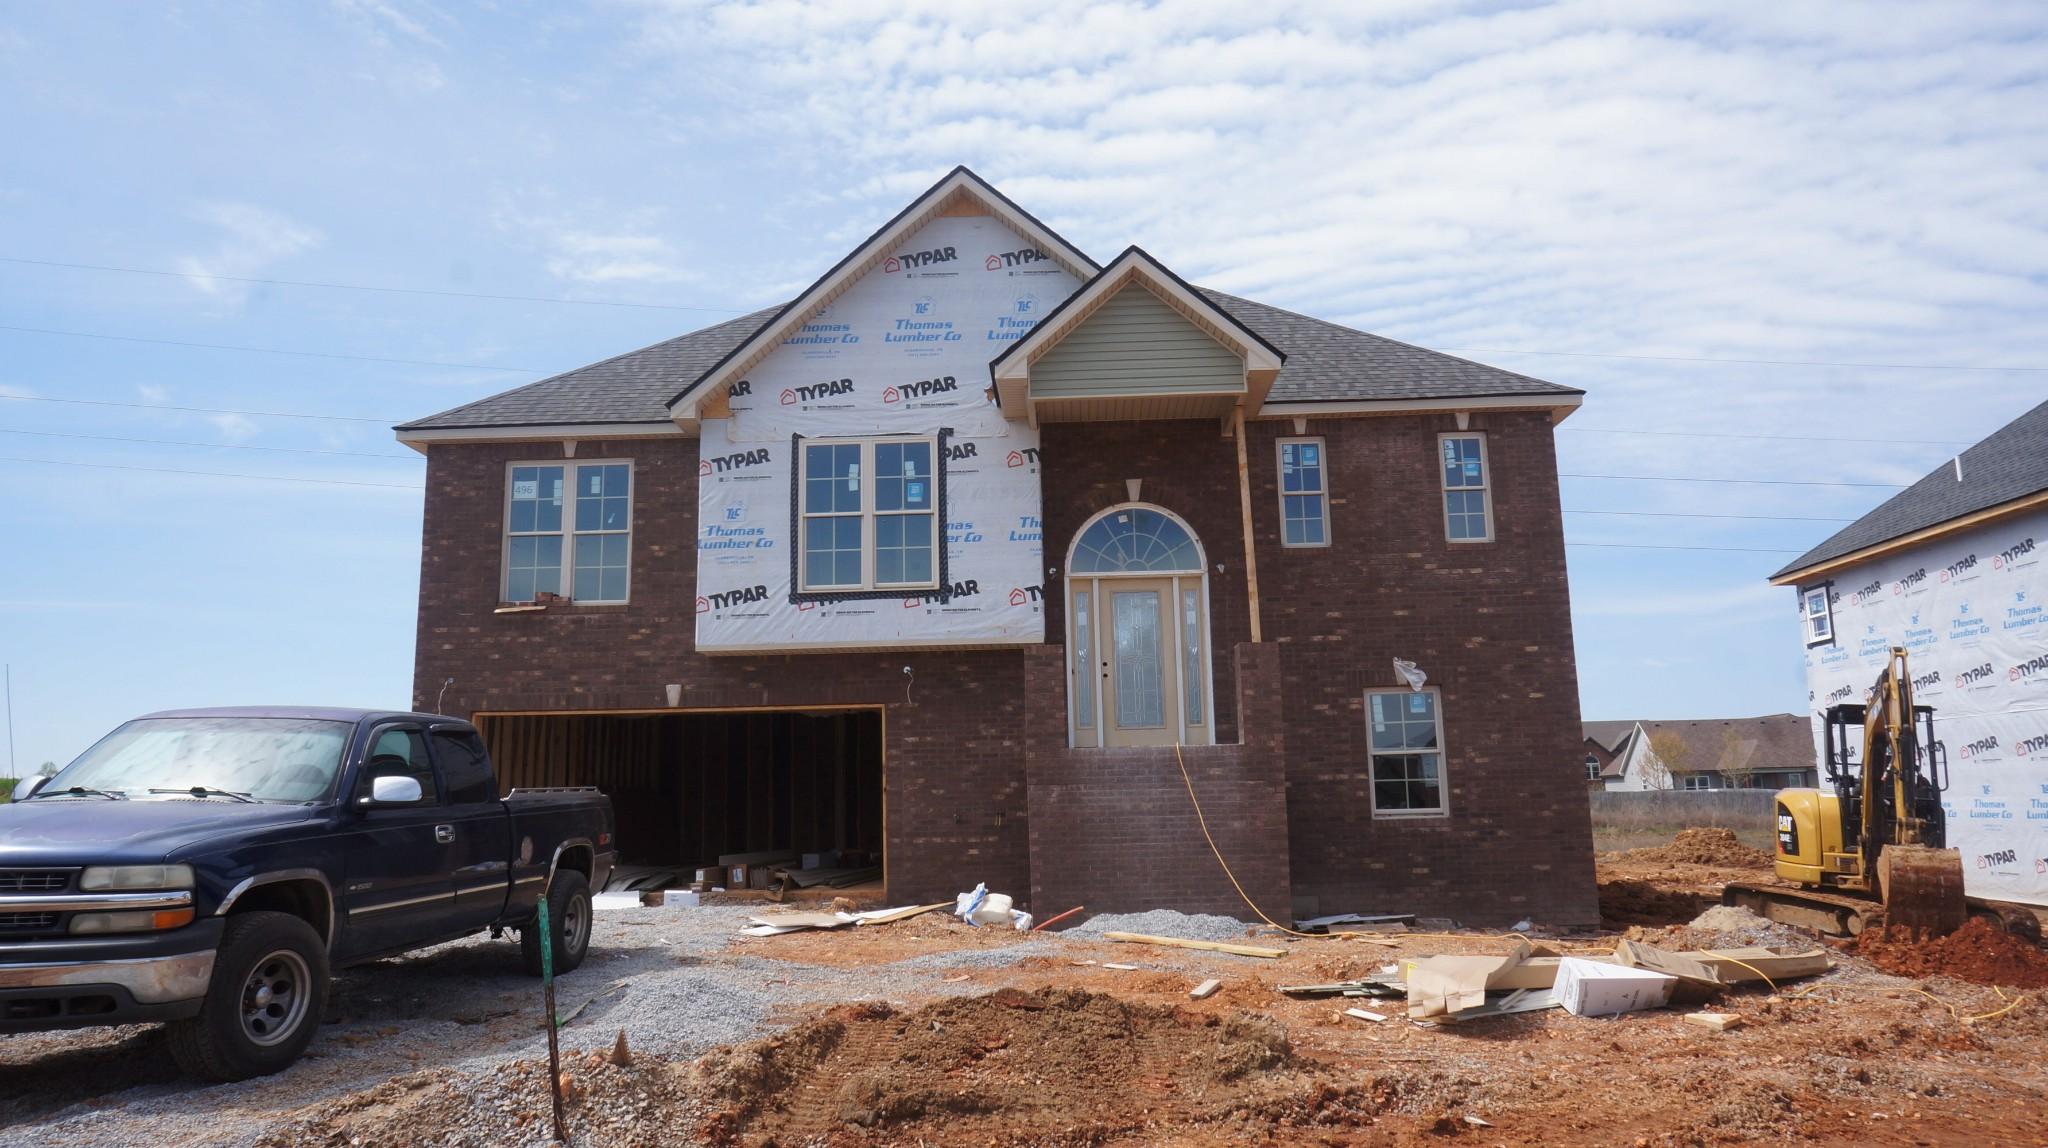 496 Autumnwood Farms , Clarksville, TN 37042 - Clarksville, TN real estate listing